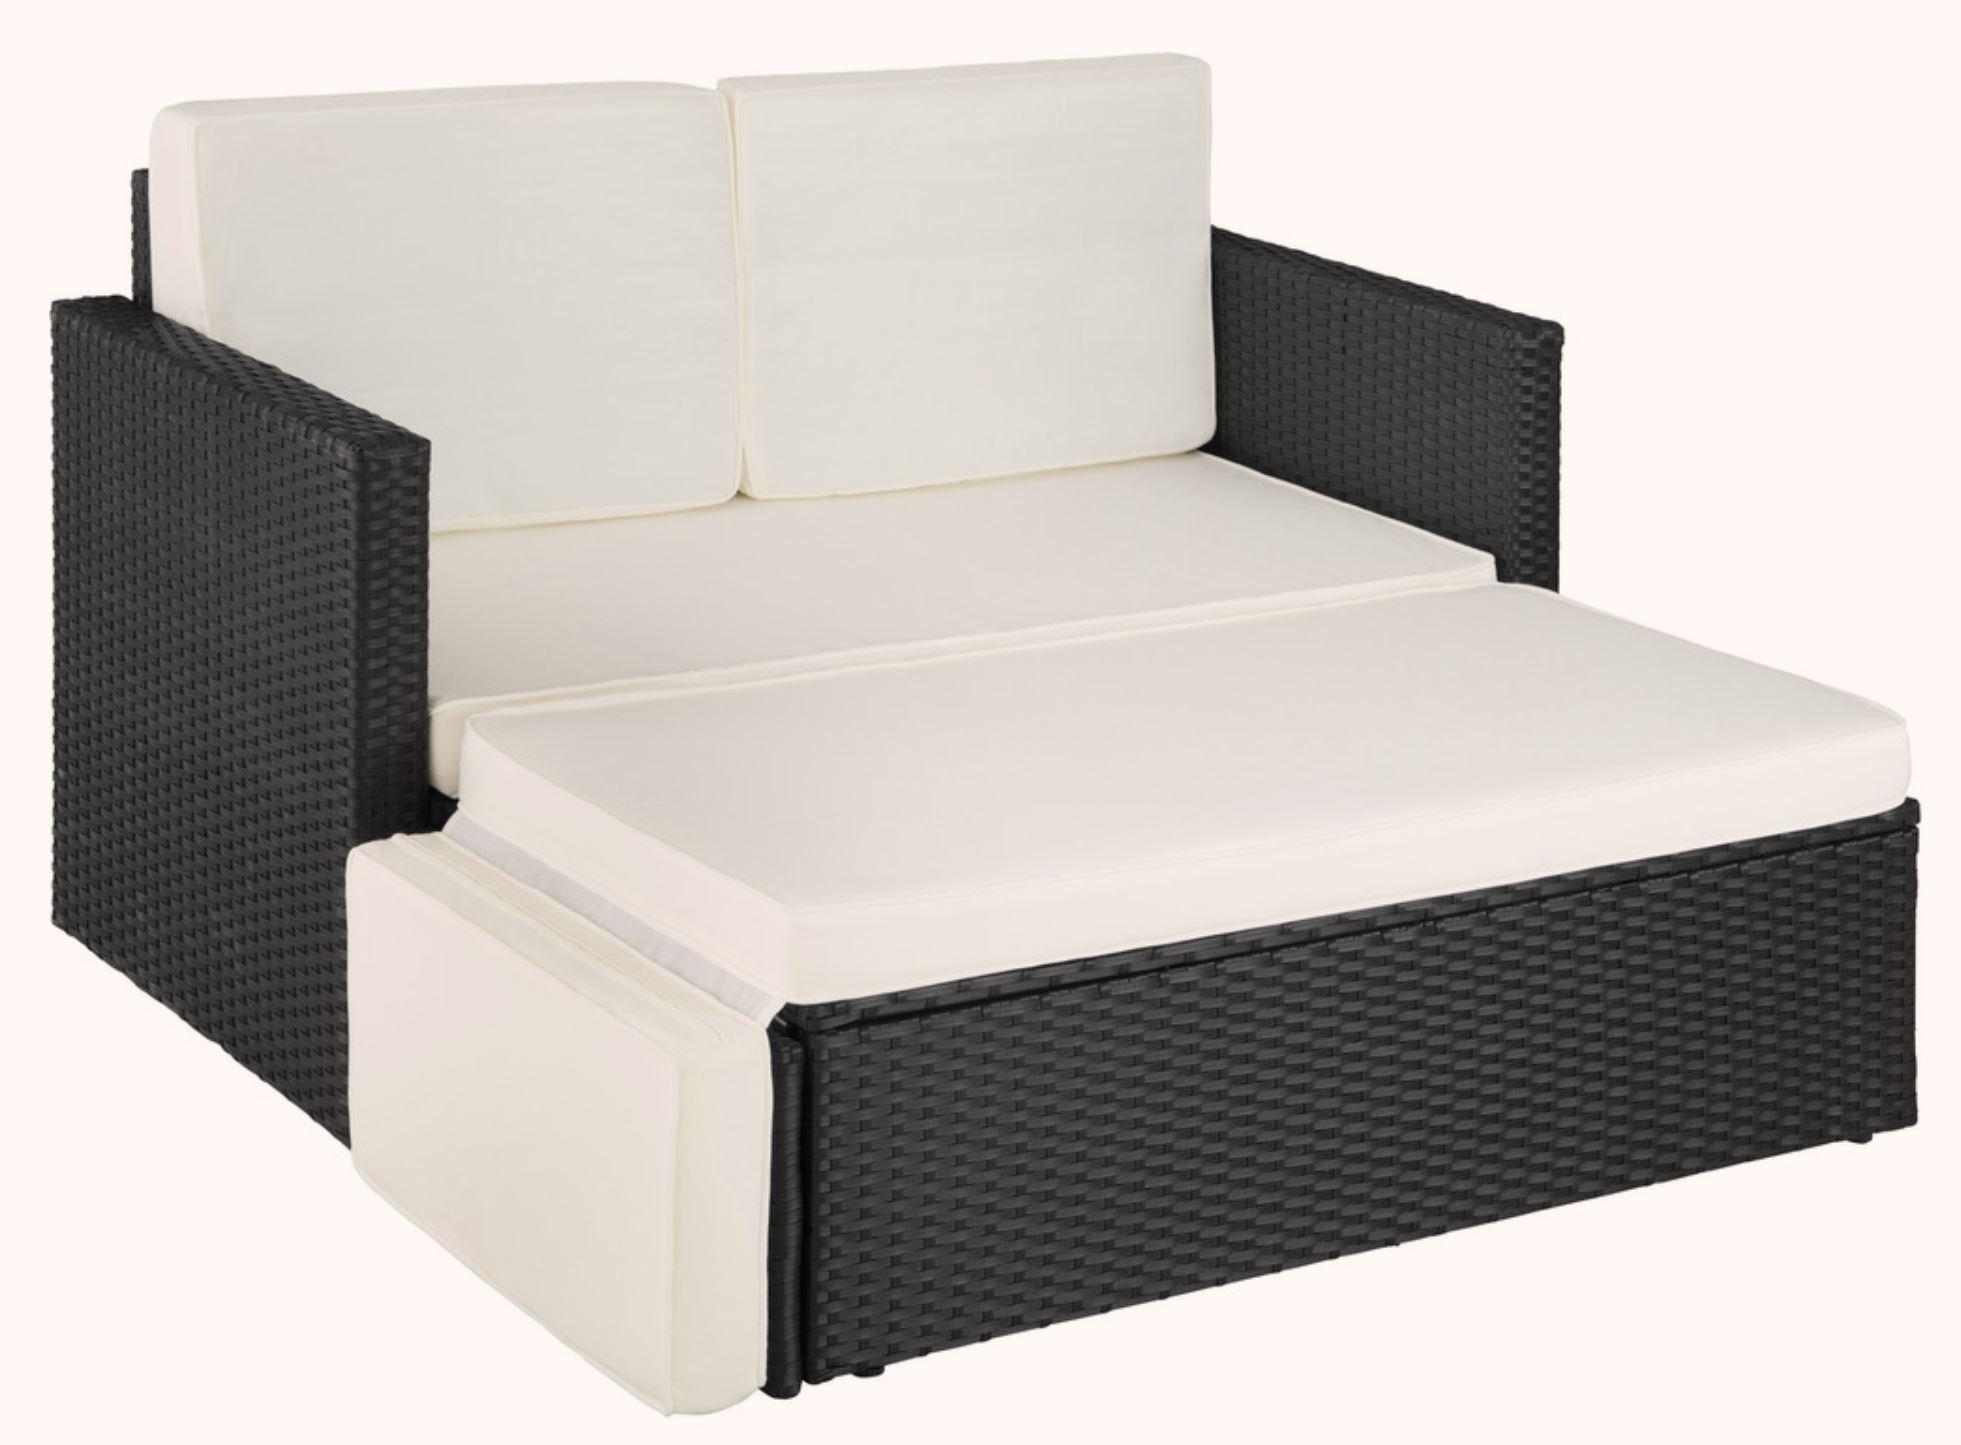 Günstiges Outdoor Polyrattan Lounge Sofa Korfu (TecTake) bei Rakuten